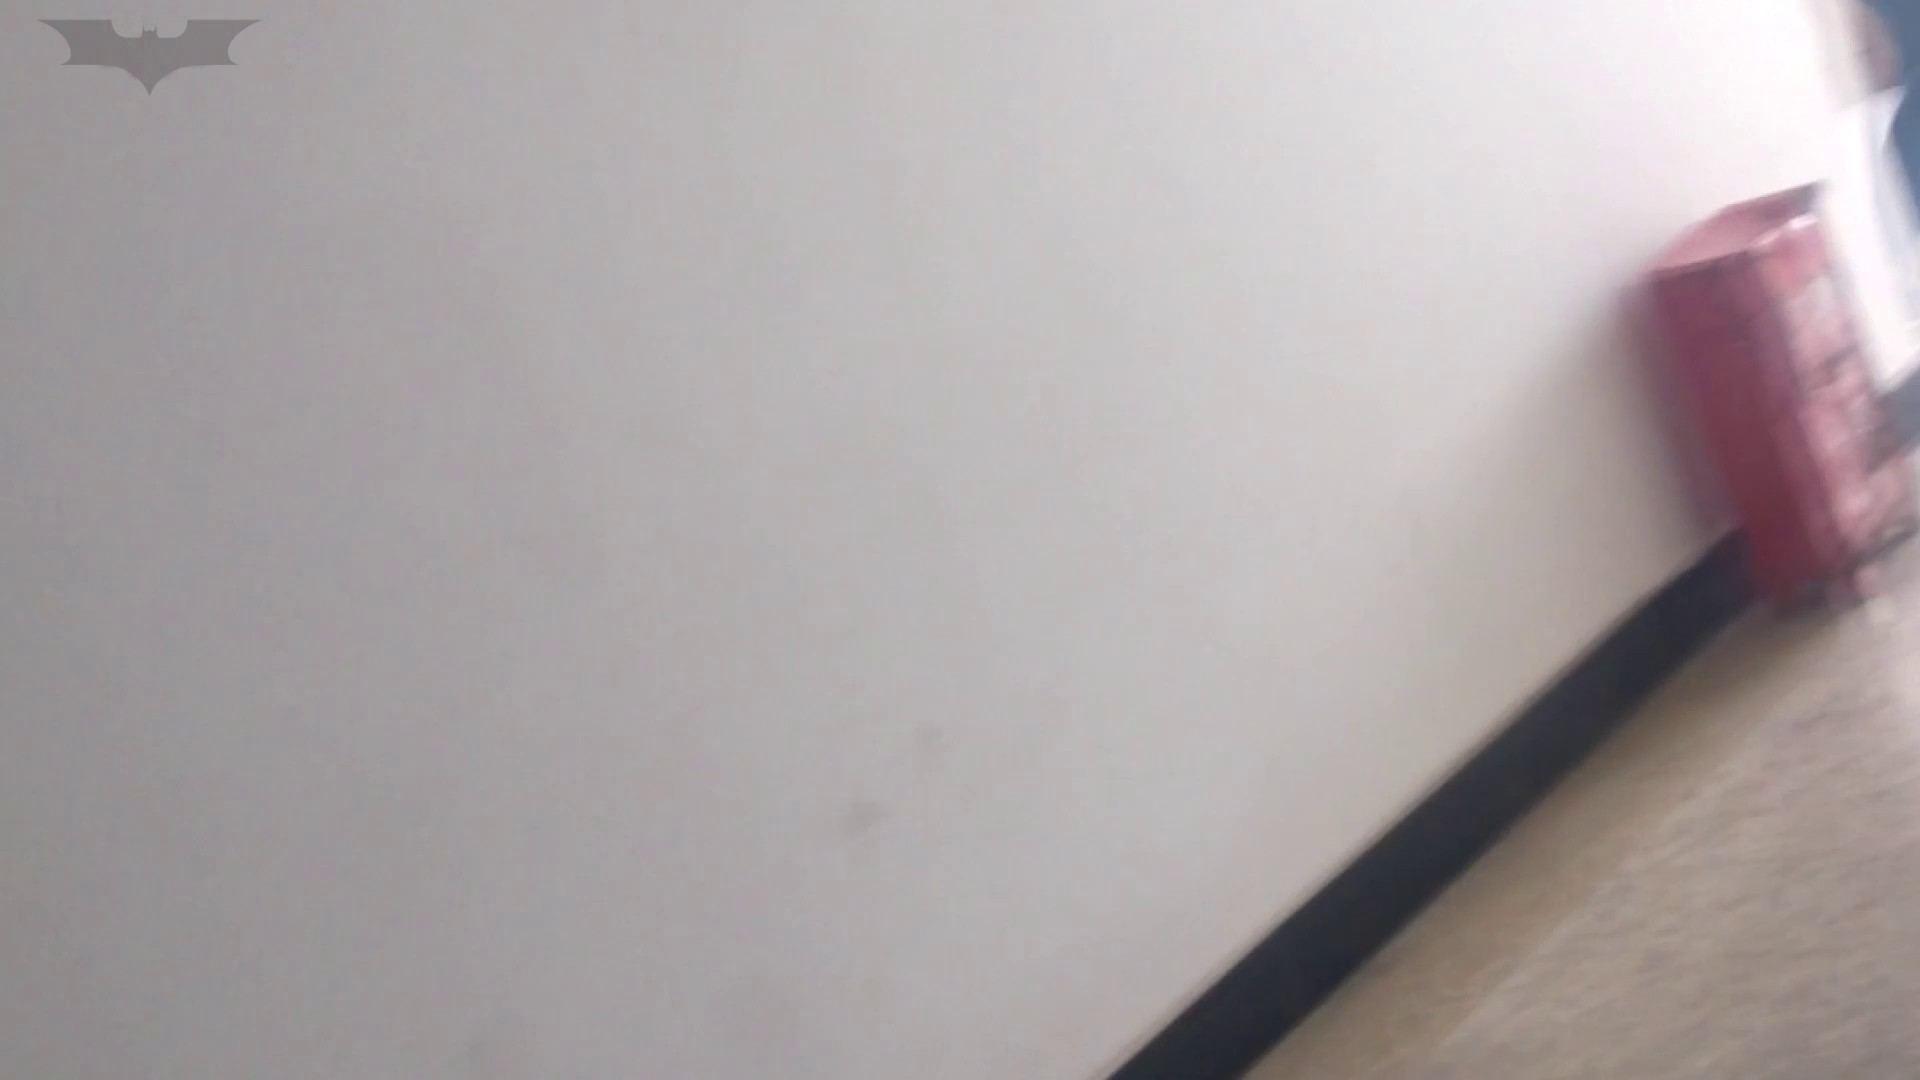 JD盗撮 美女の洗面所の秘密 Vol.02 隠れた名作 セックス画像 60画像 9